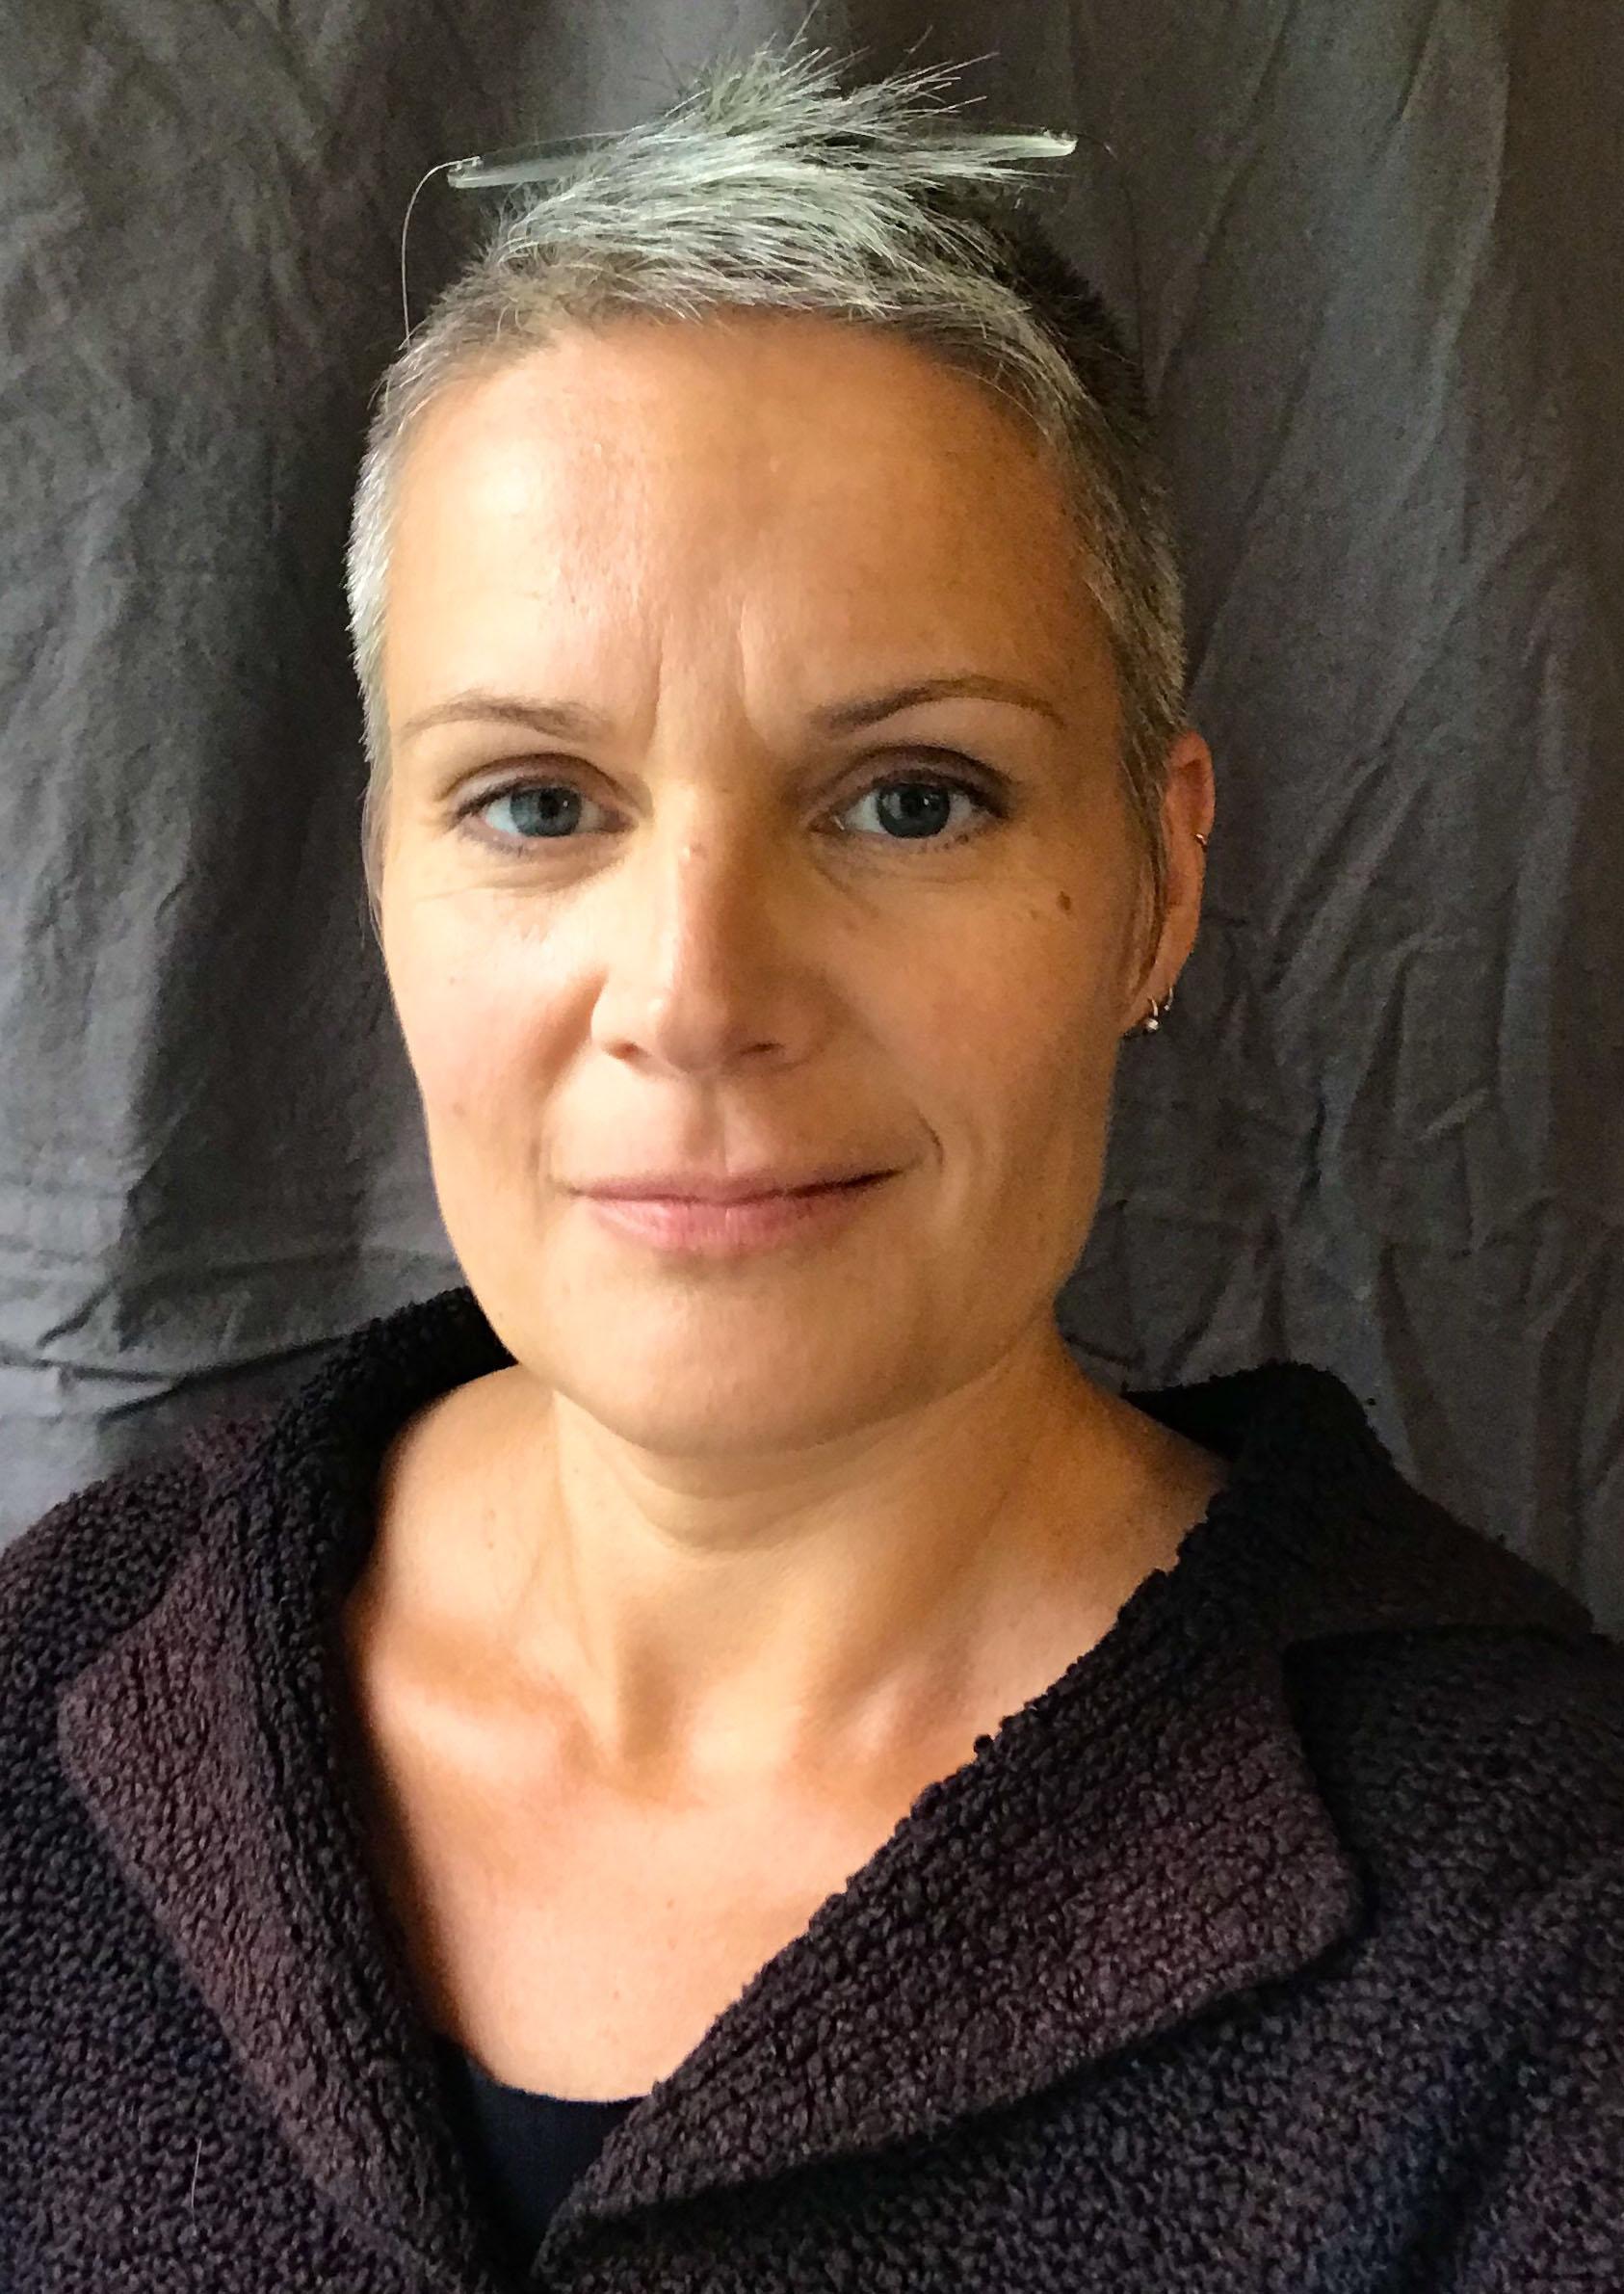 Porträttbild av kostymdesignern Charlotte von Weissenberg. Hon står mot en grå bakgrund i tyg med ljus från vänster och tittar in i kameran, med kortklippt hår och mörklila kofta.